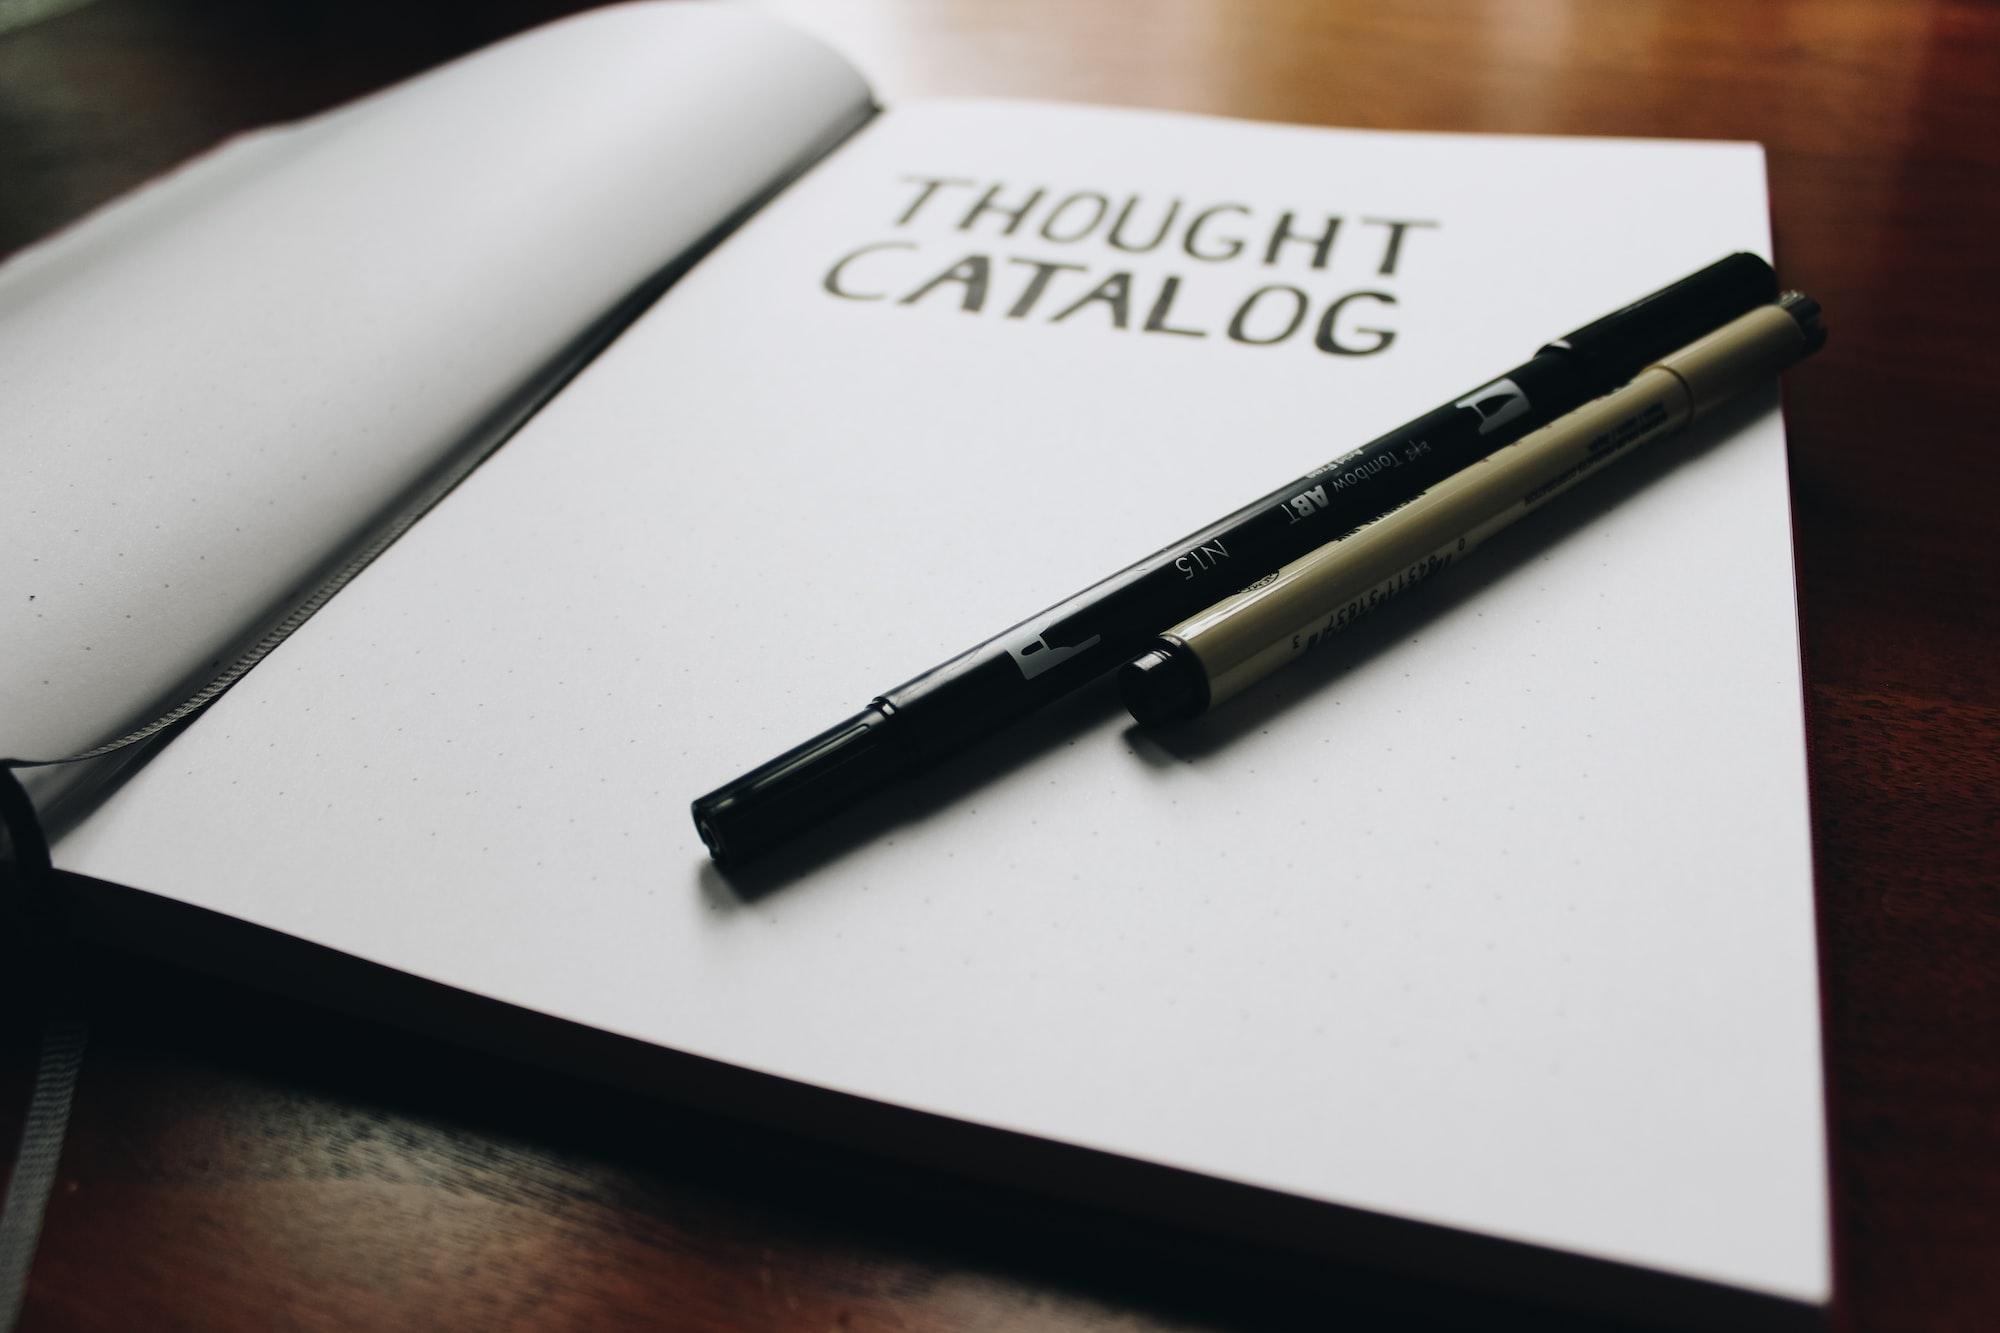 Thought Catalog hand written inside journal